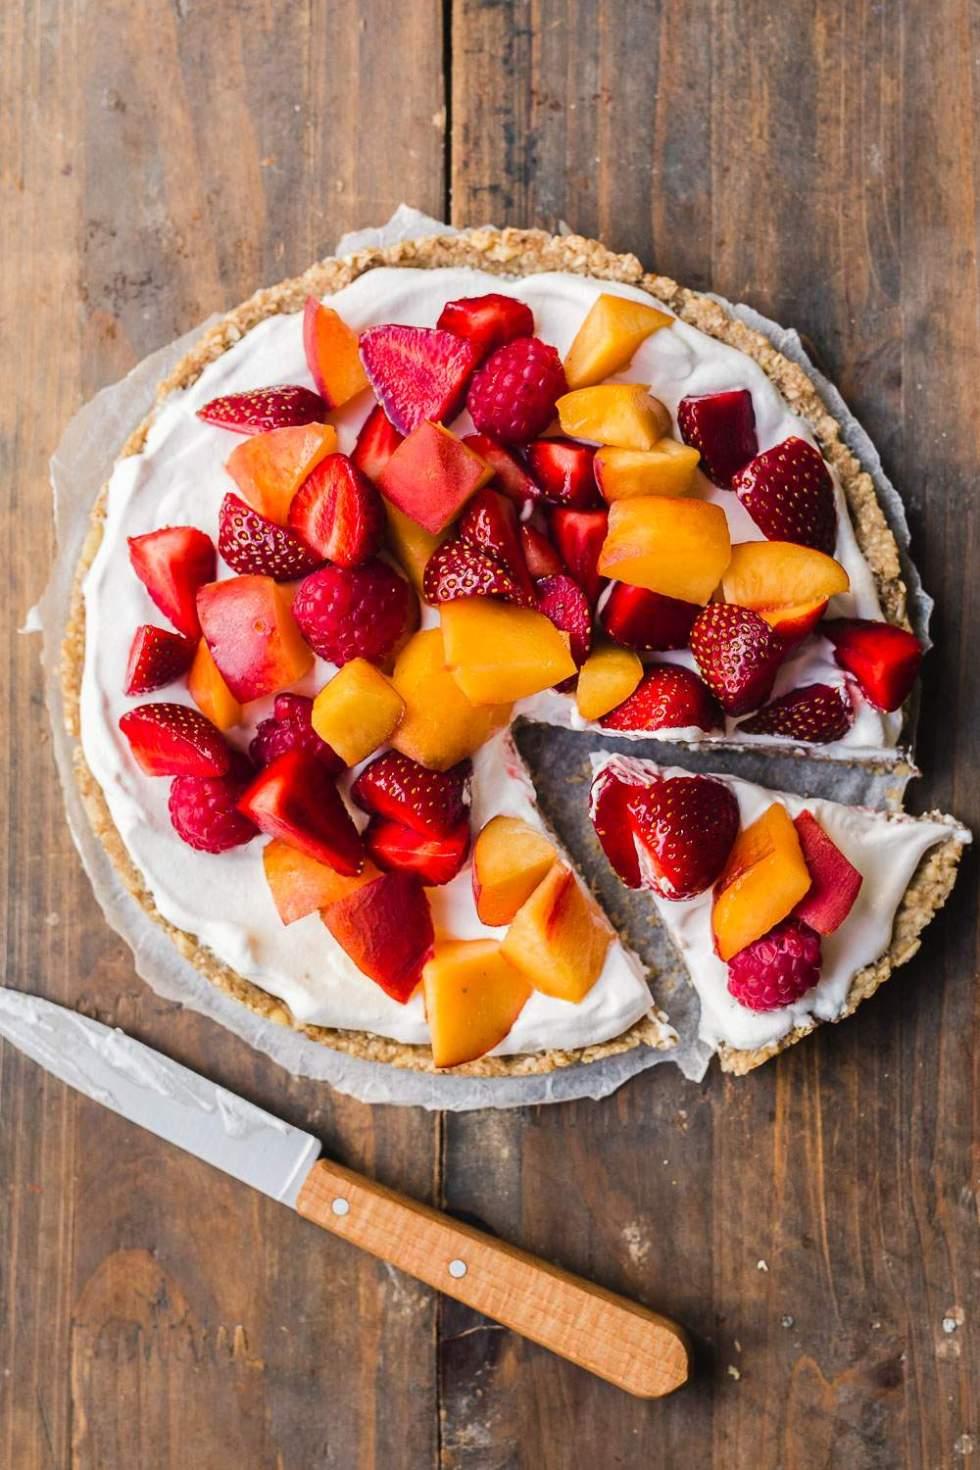 Banana-sweetened vegan no-bake fruit and cream tart